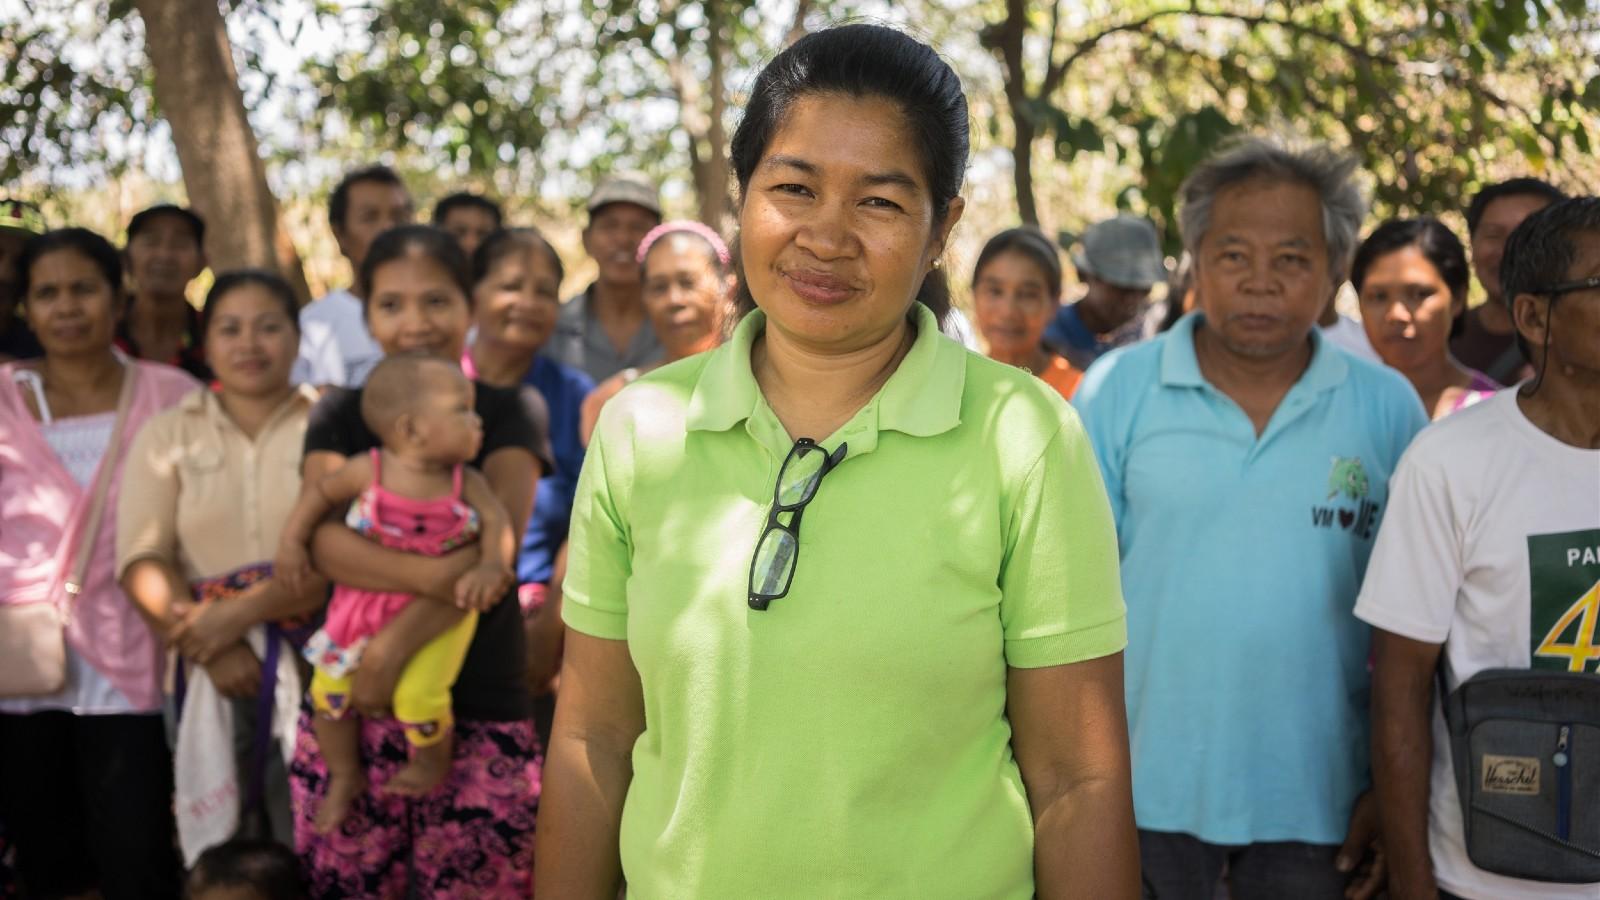 Tagbanua-gemeenschap in de Filipijnen